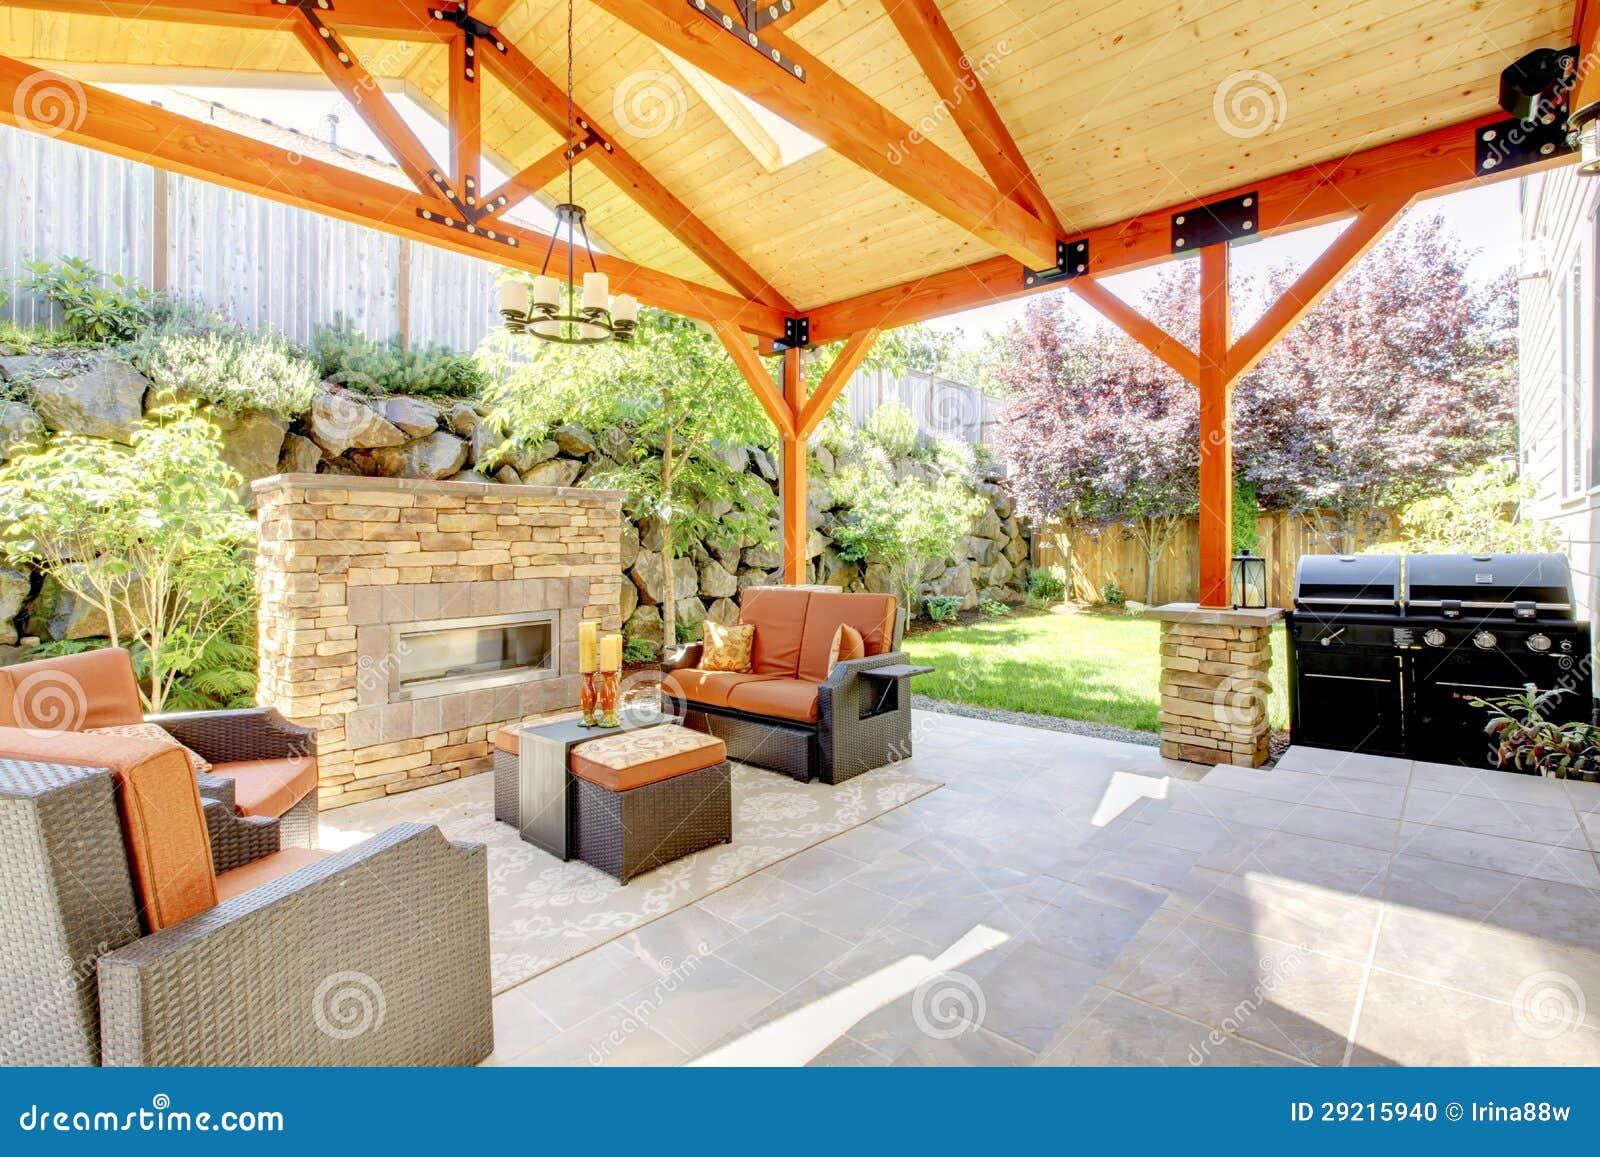 Buitenkant behandeld terras met open haard en meubilair stock foto afbeelding 29215940 for Deco buitenkant terras